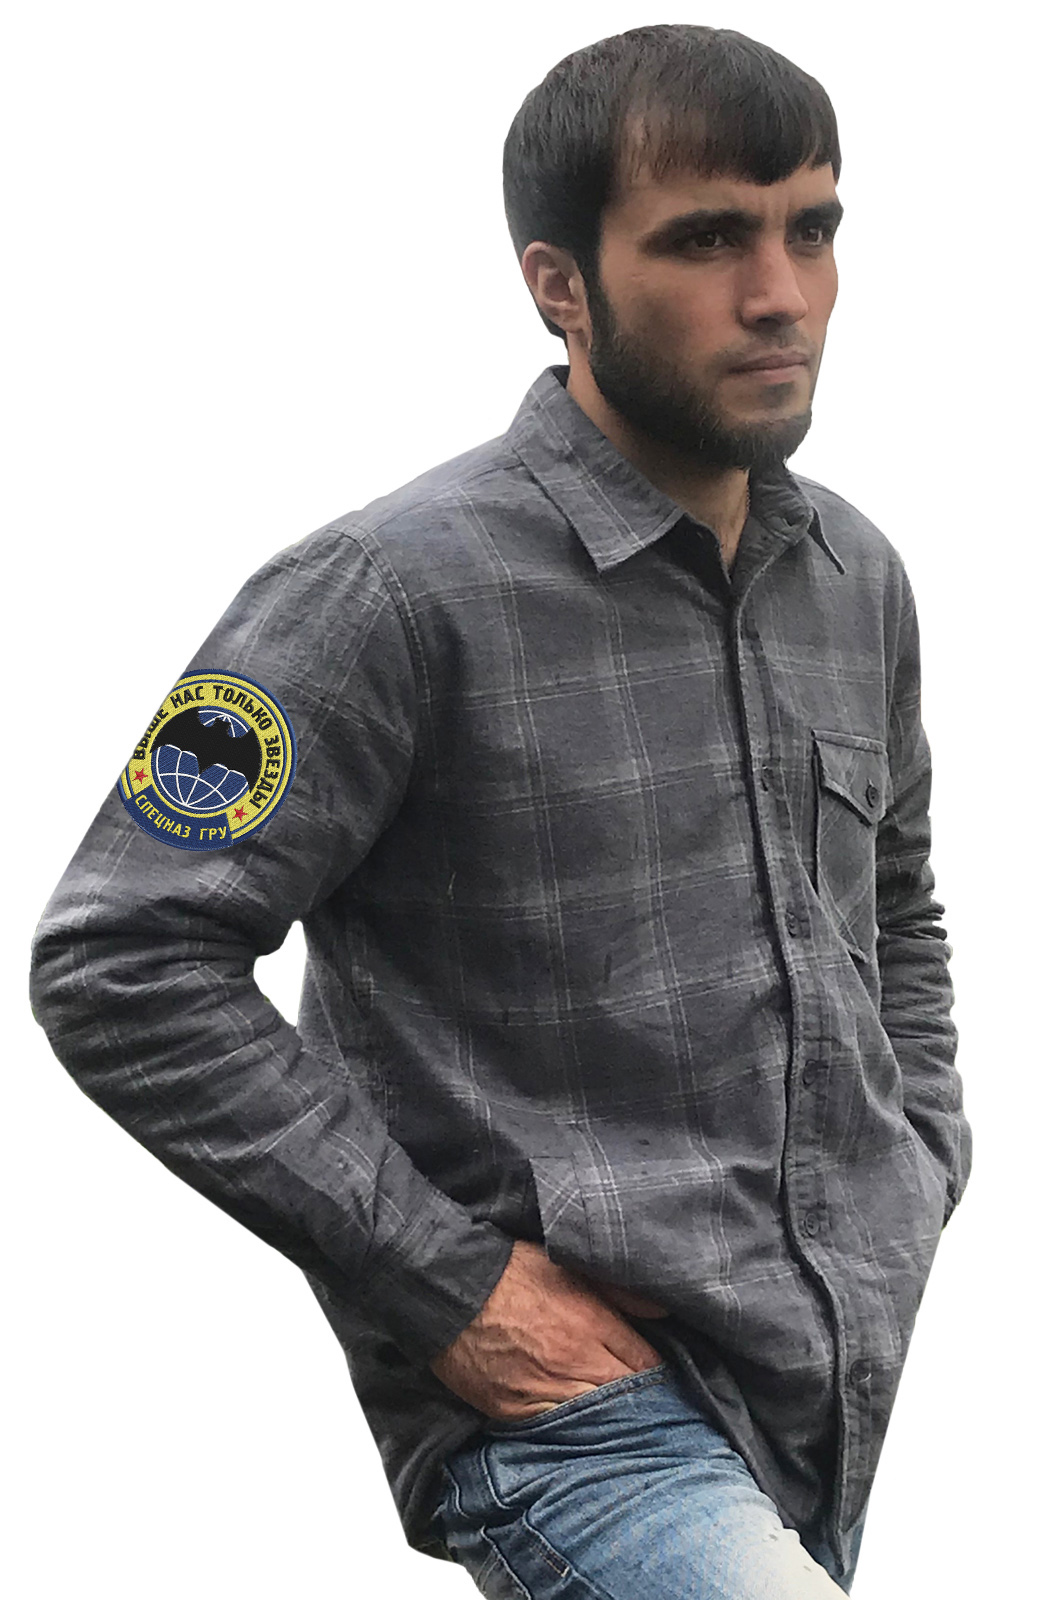 Рубашка с эмблемой Спецназ  ГРУ